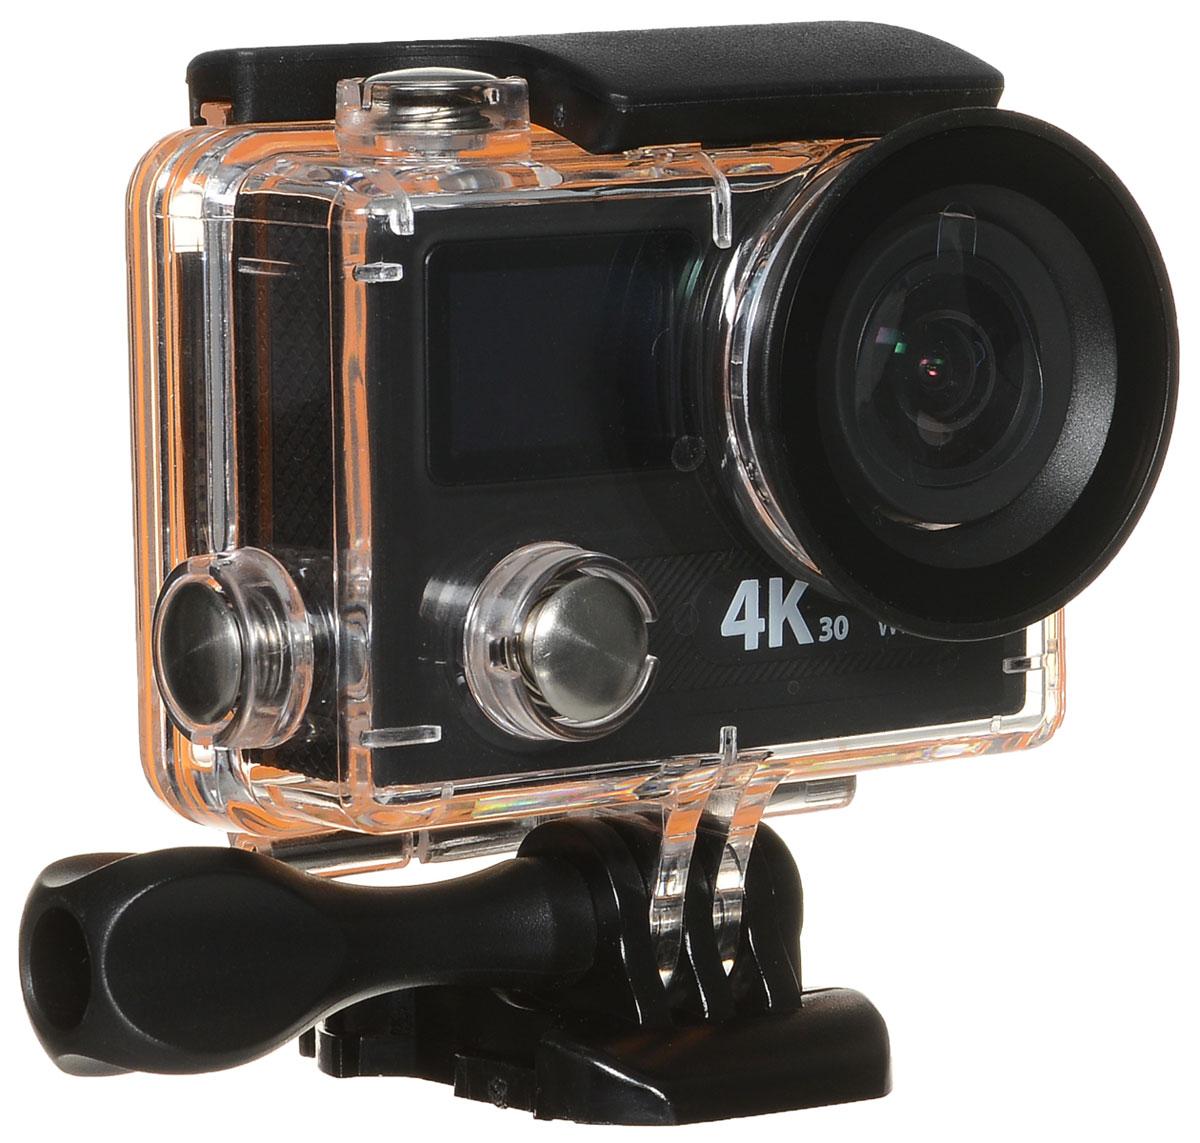 Eken H8 PRO Ultra HD экшн камера, черная экшн камера ridian bullet hd pro 4